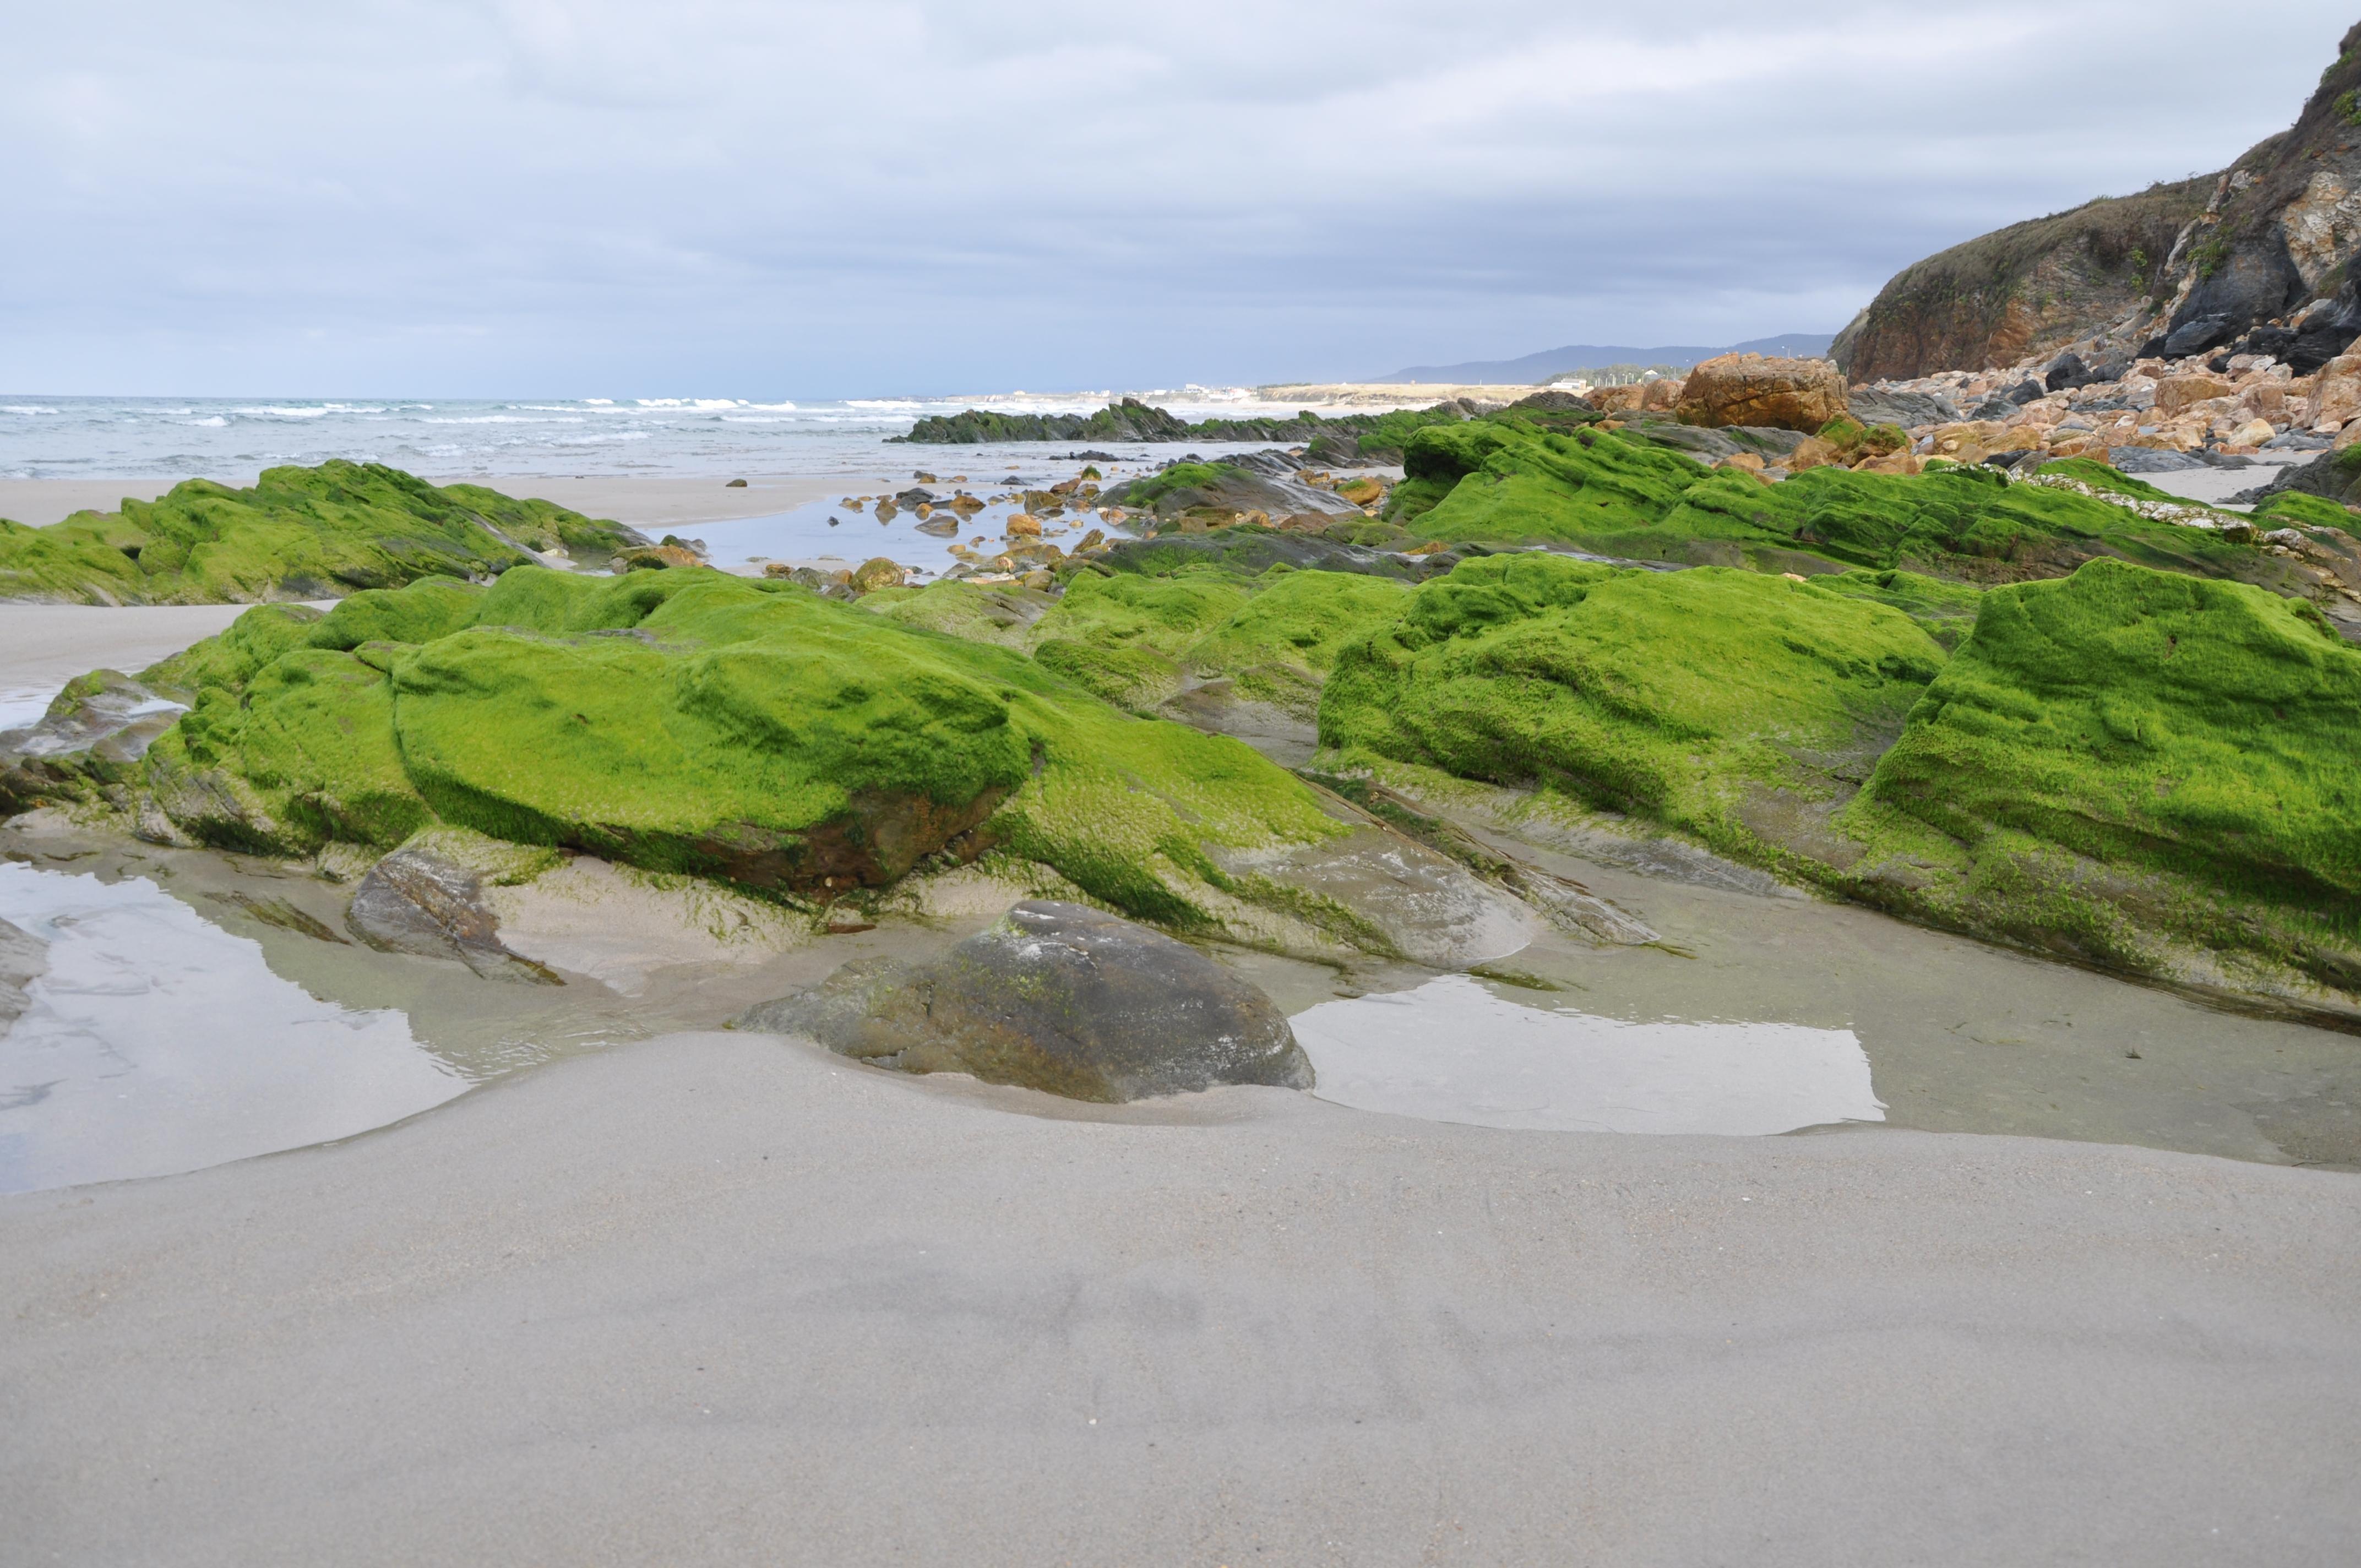 Playa Pereira